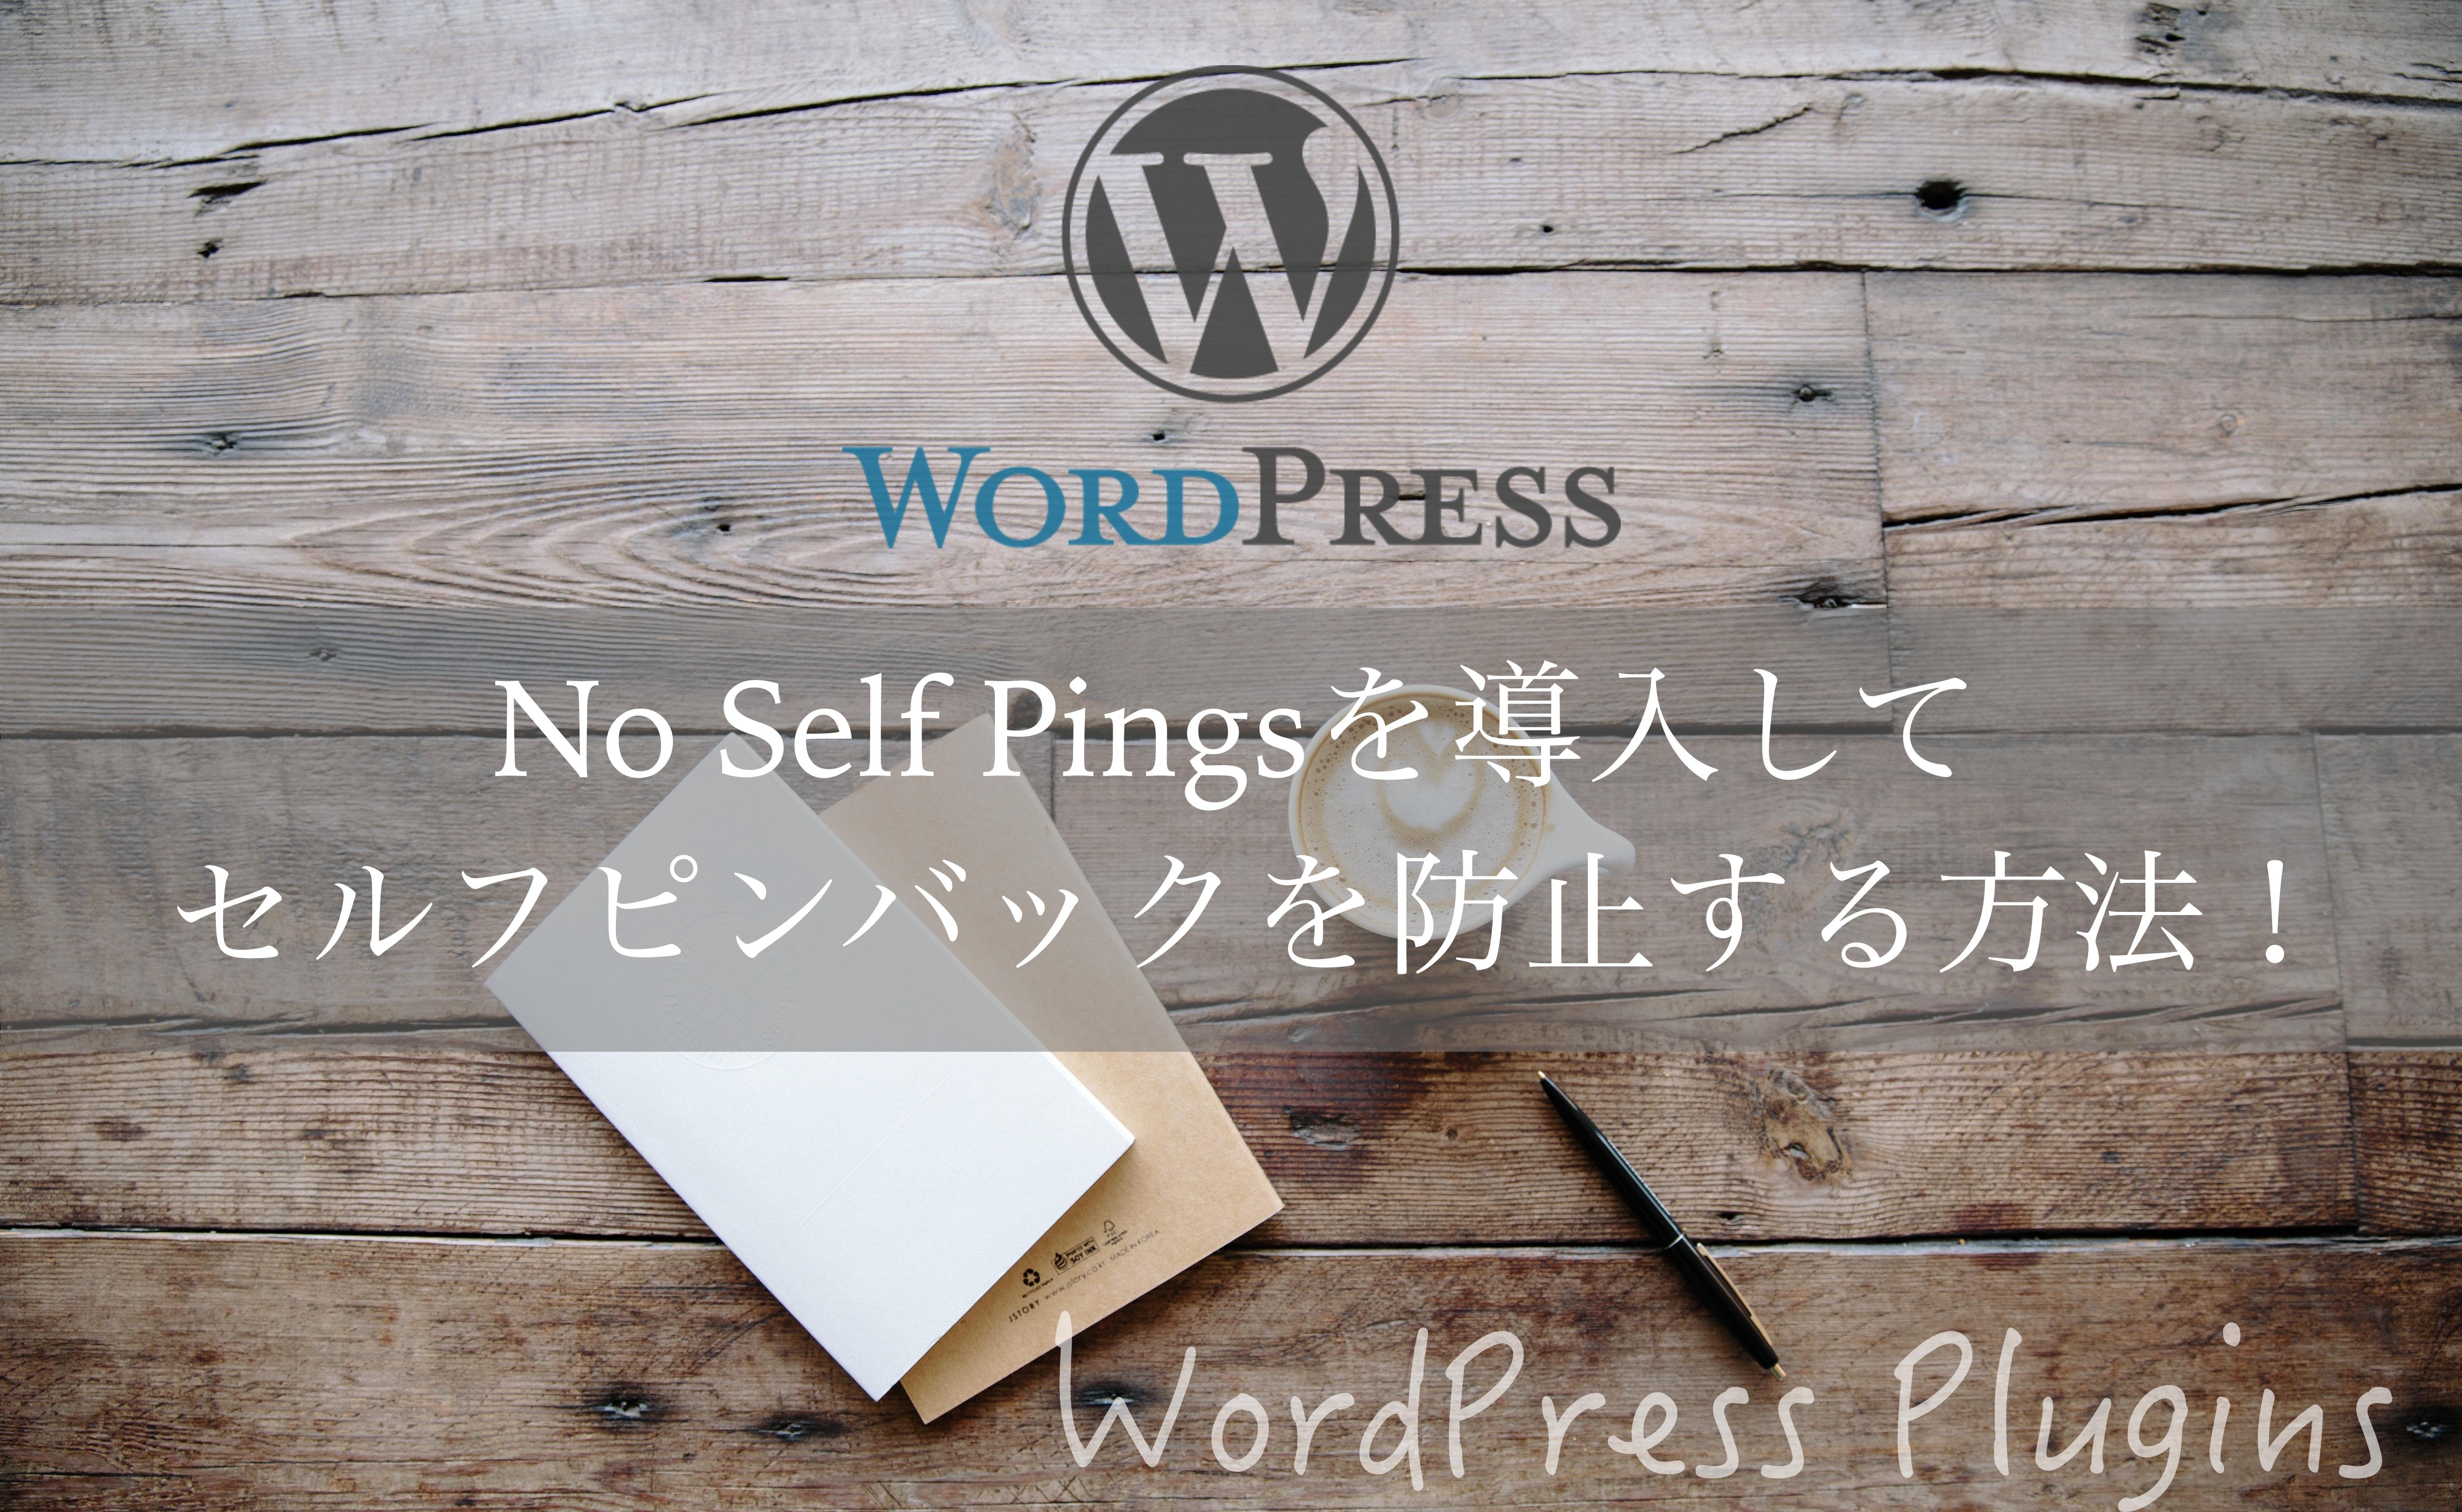 No Self Pingsを導入してセルフピンバックを防止する方法!